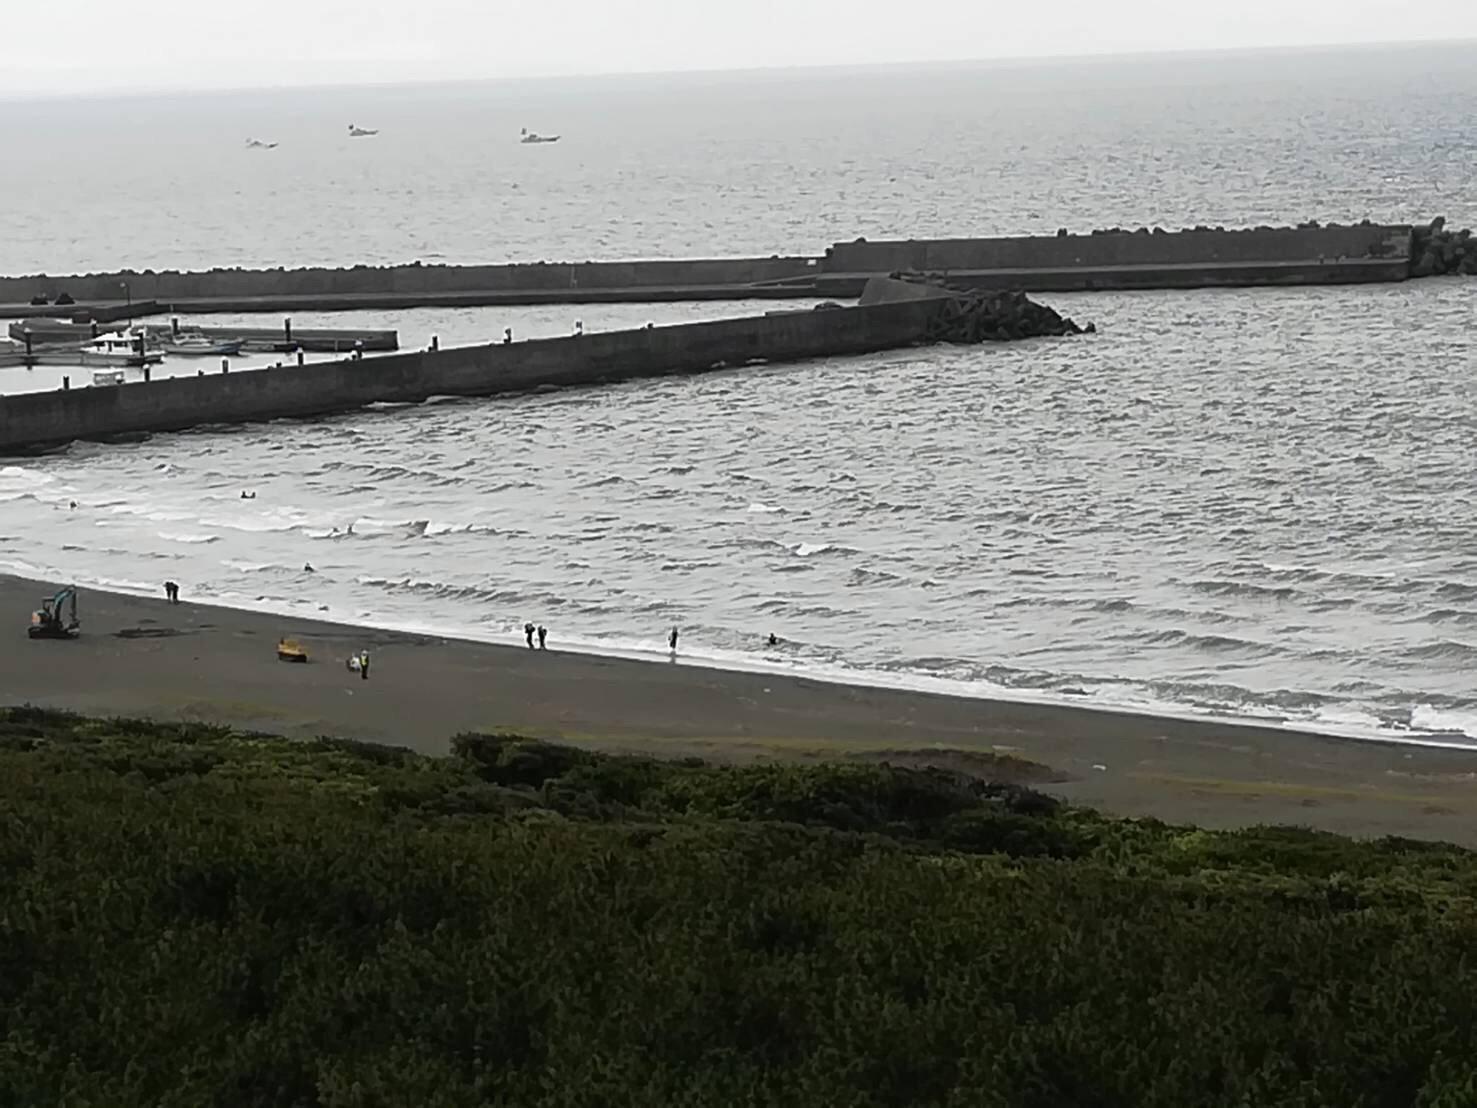 平塚市高浜台で下半身が切断された女性の遺体が見つかった現場画像